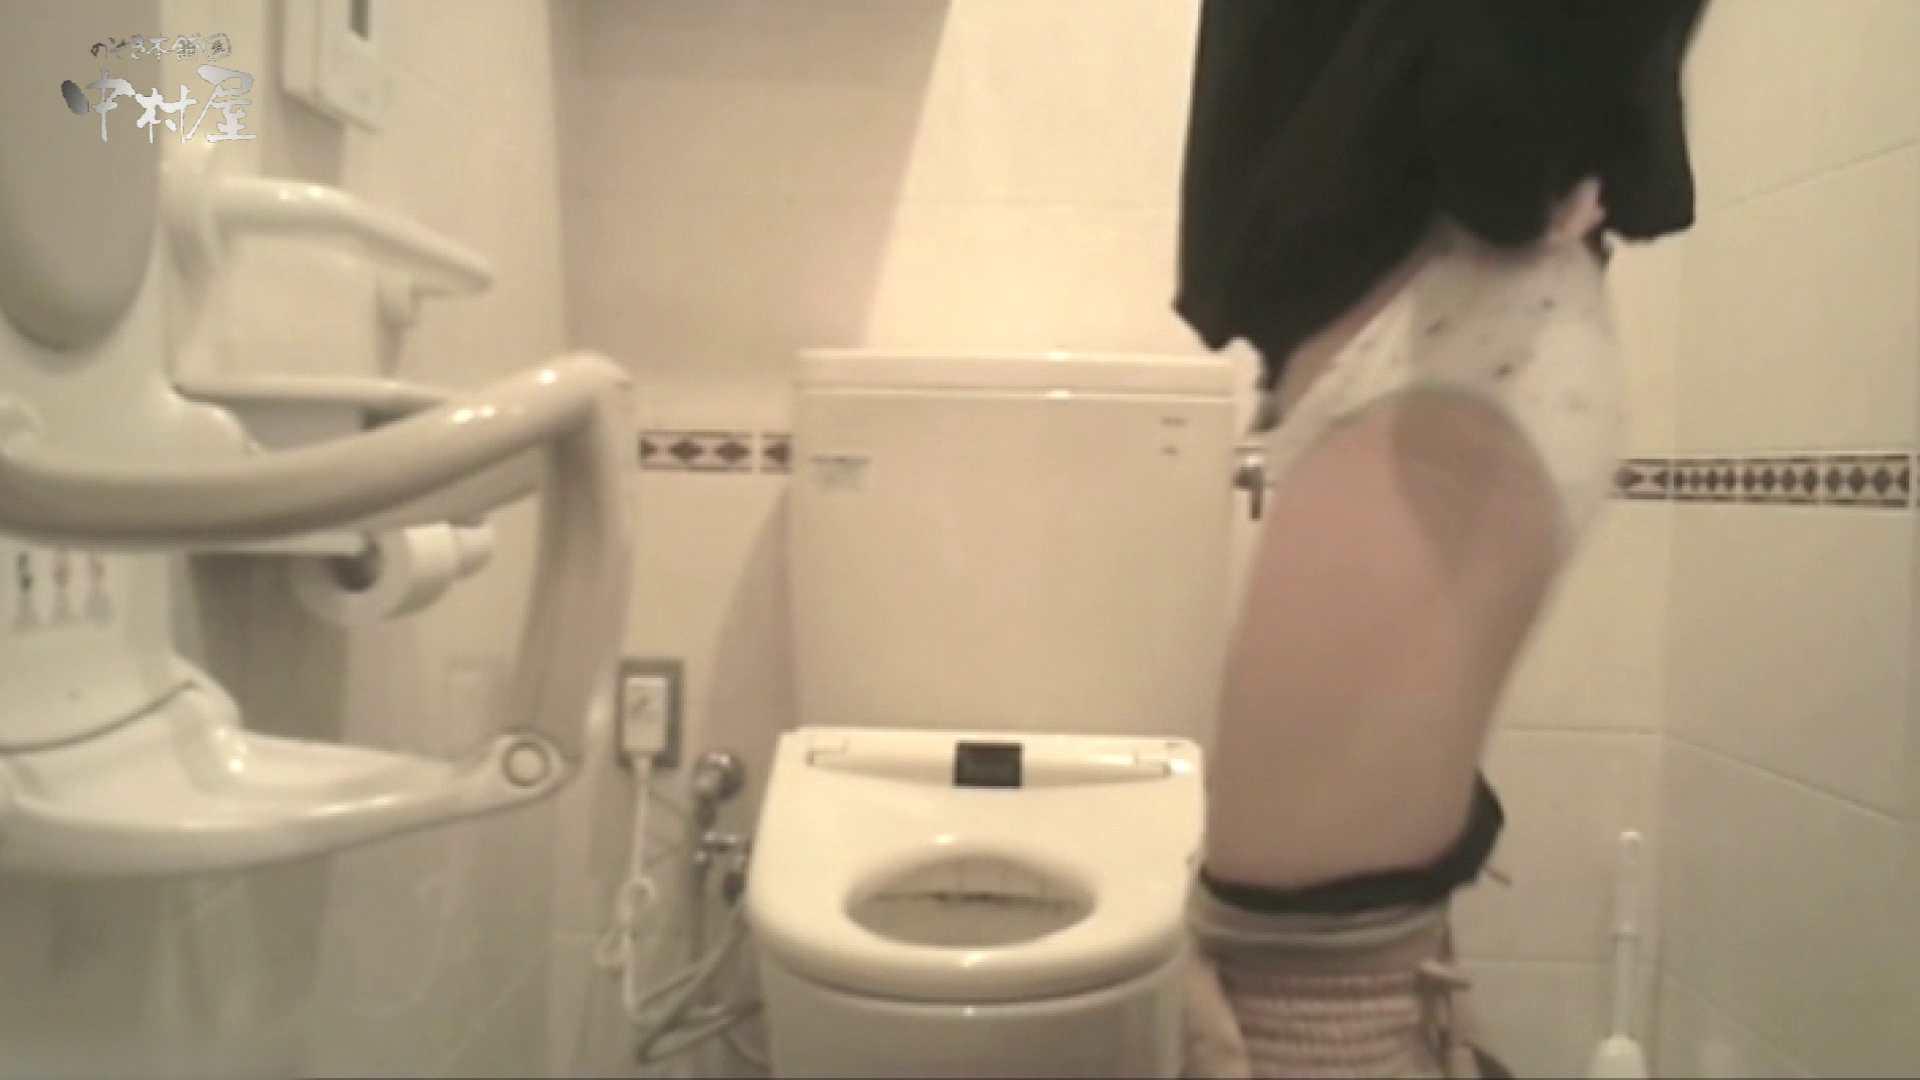 ティーンガールのトイレ覗き‼vol.21 美女エロ画像 ワレメ無修正動画無料 39PICs 17